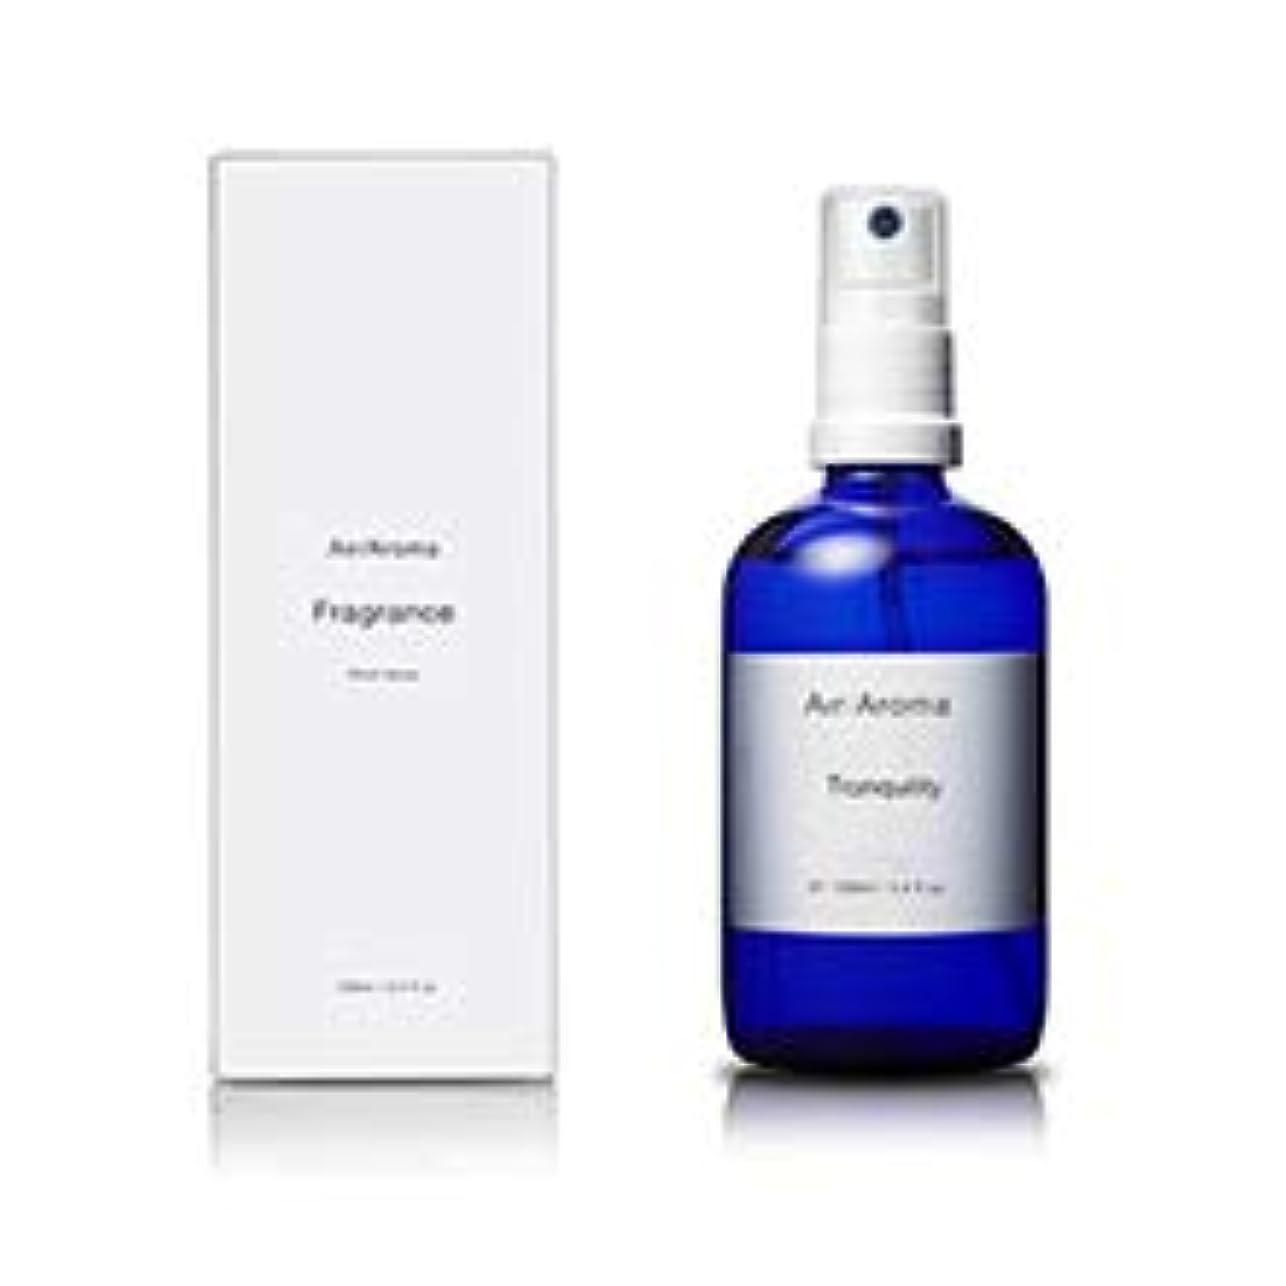 信頼スクラッチ衝突するエアアロマ tranquility room fragrance (トランキリティー ルームフレグランス) 100ml